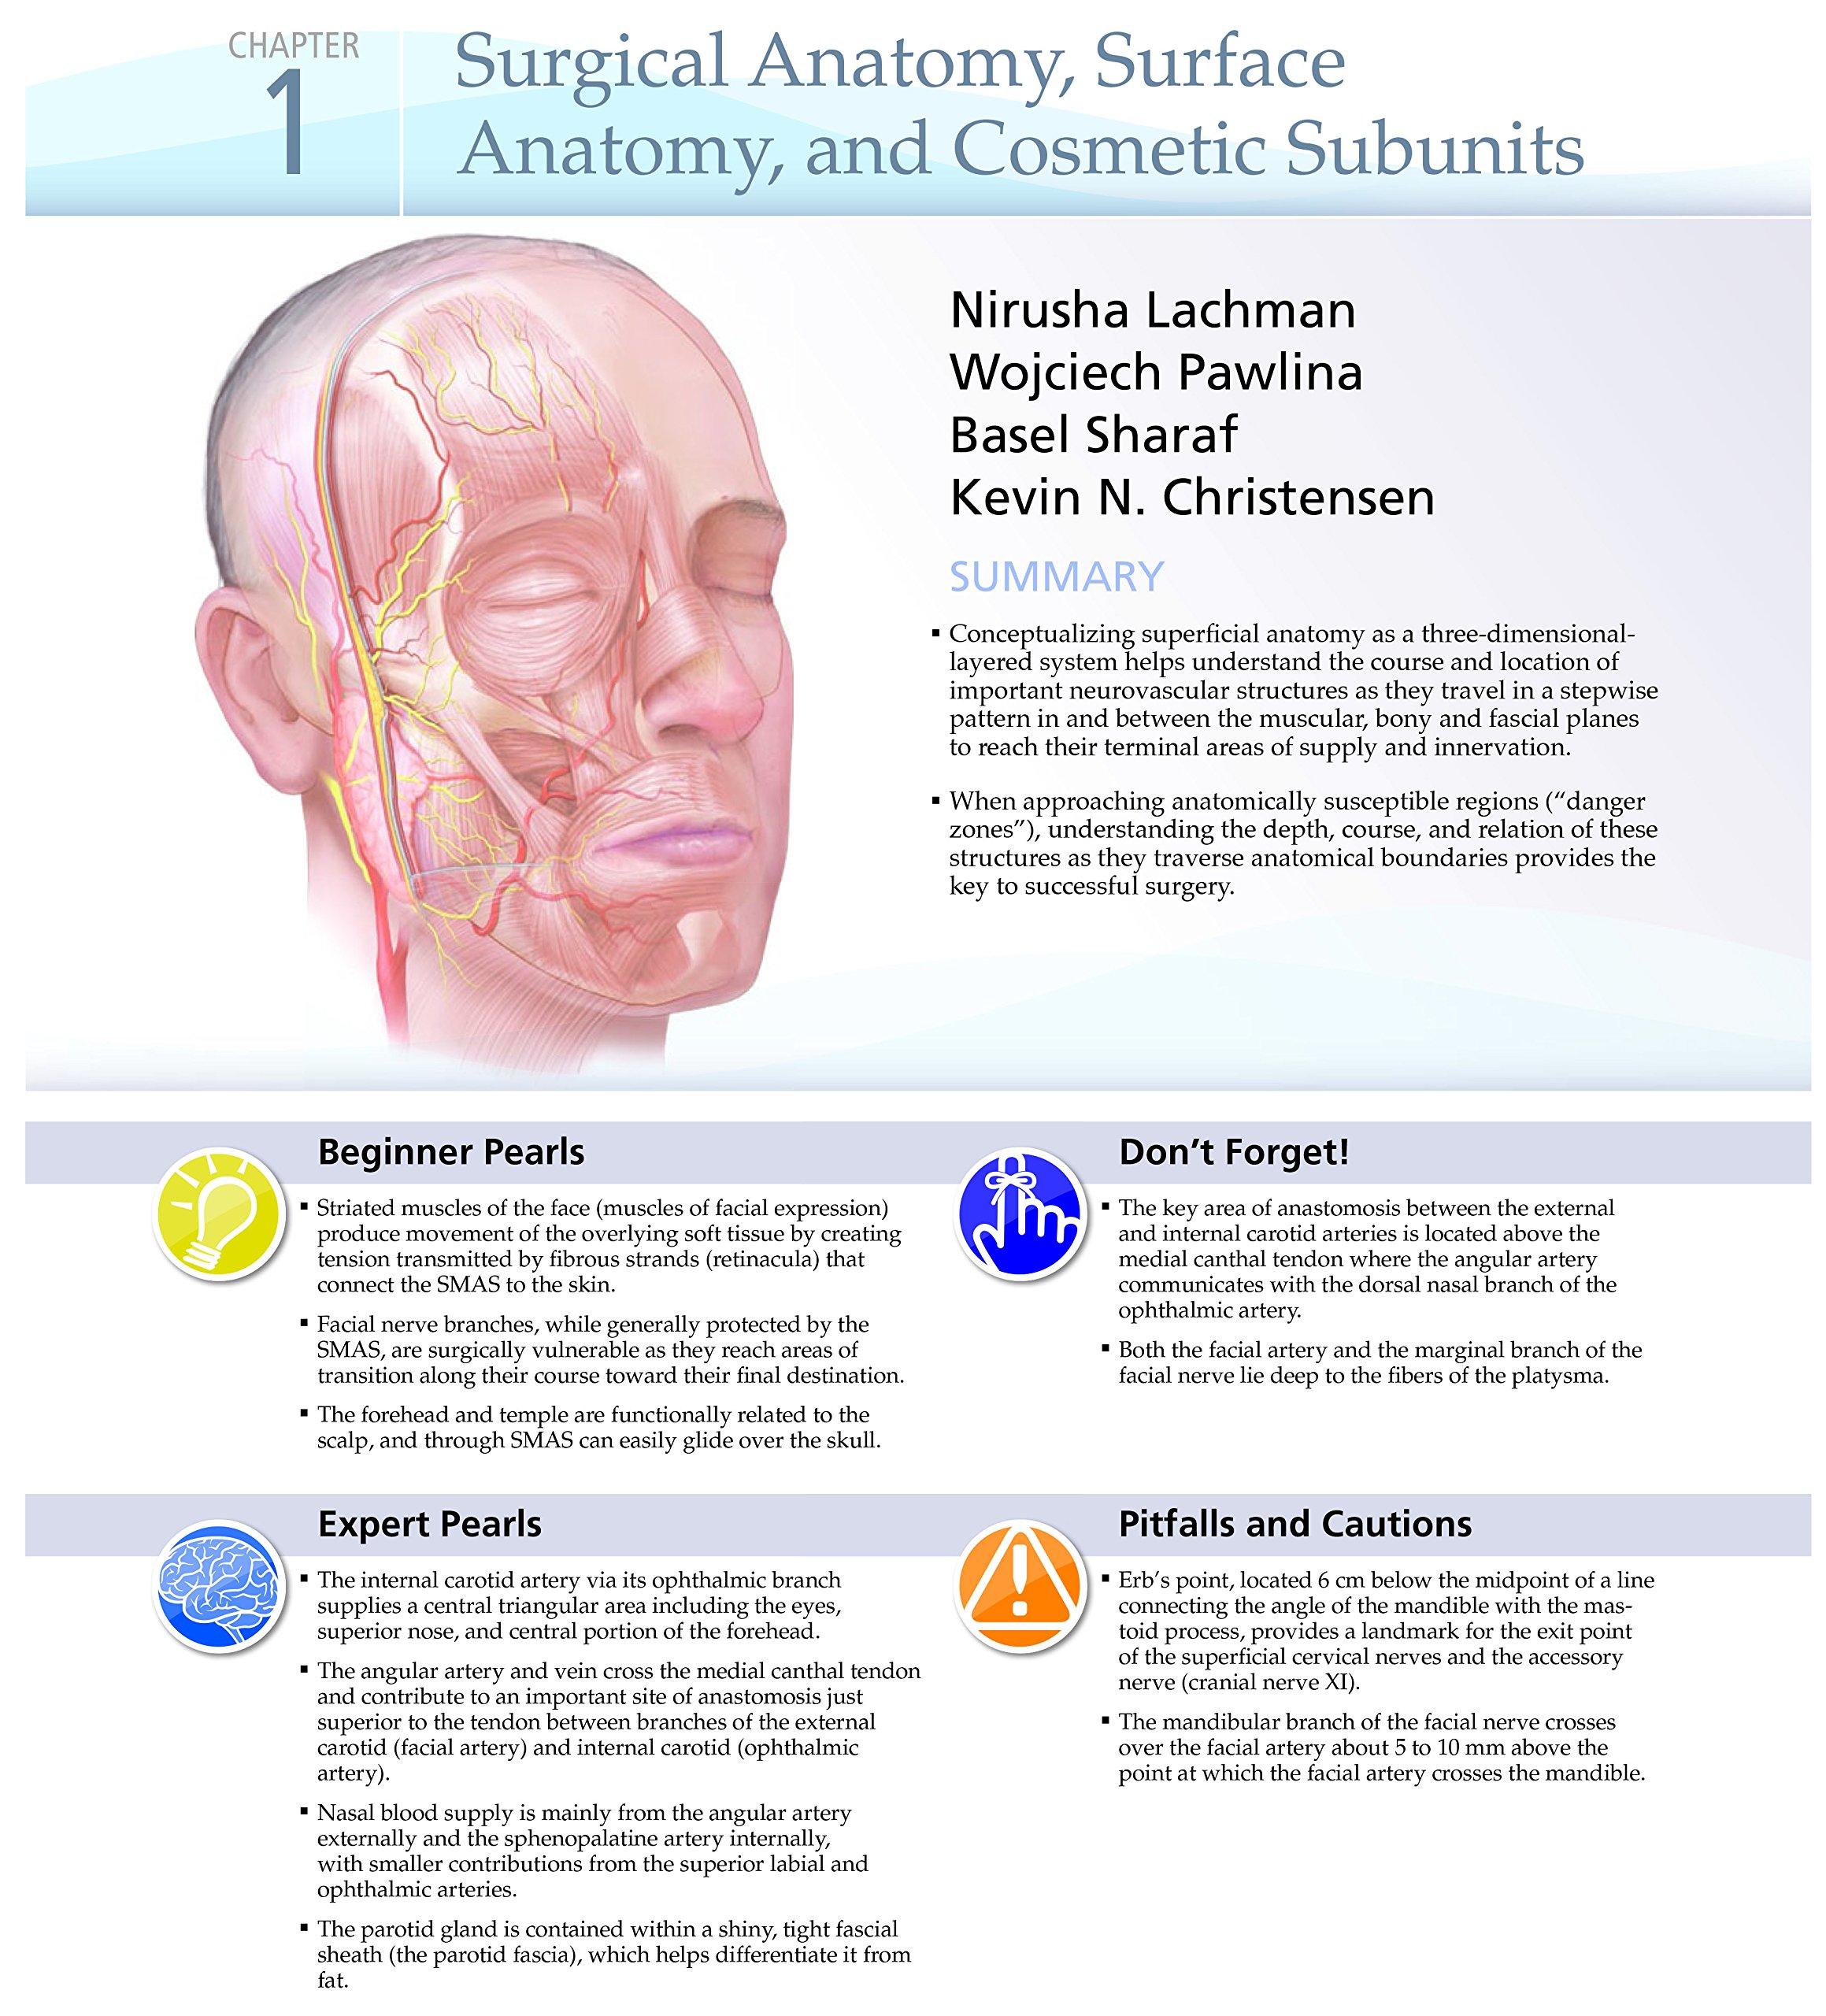 Ziemlich Schweinehirnanatomie Bilder - Menschliche Anatomie Bilder ...